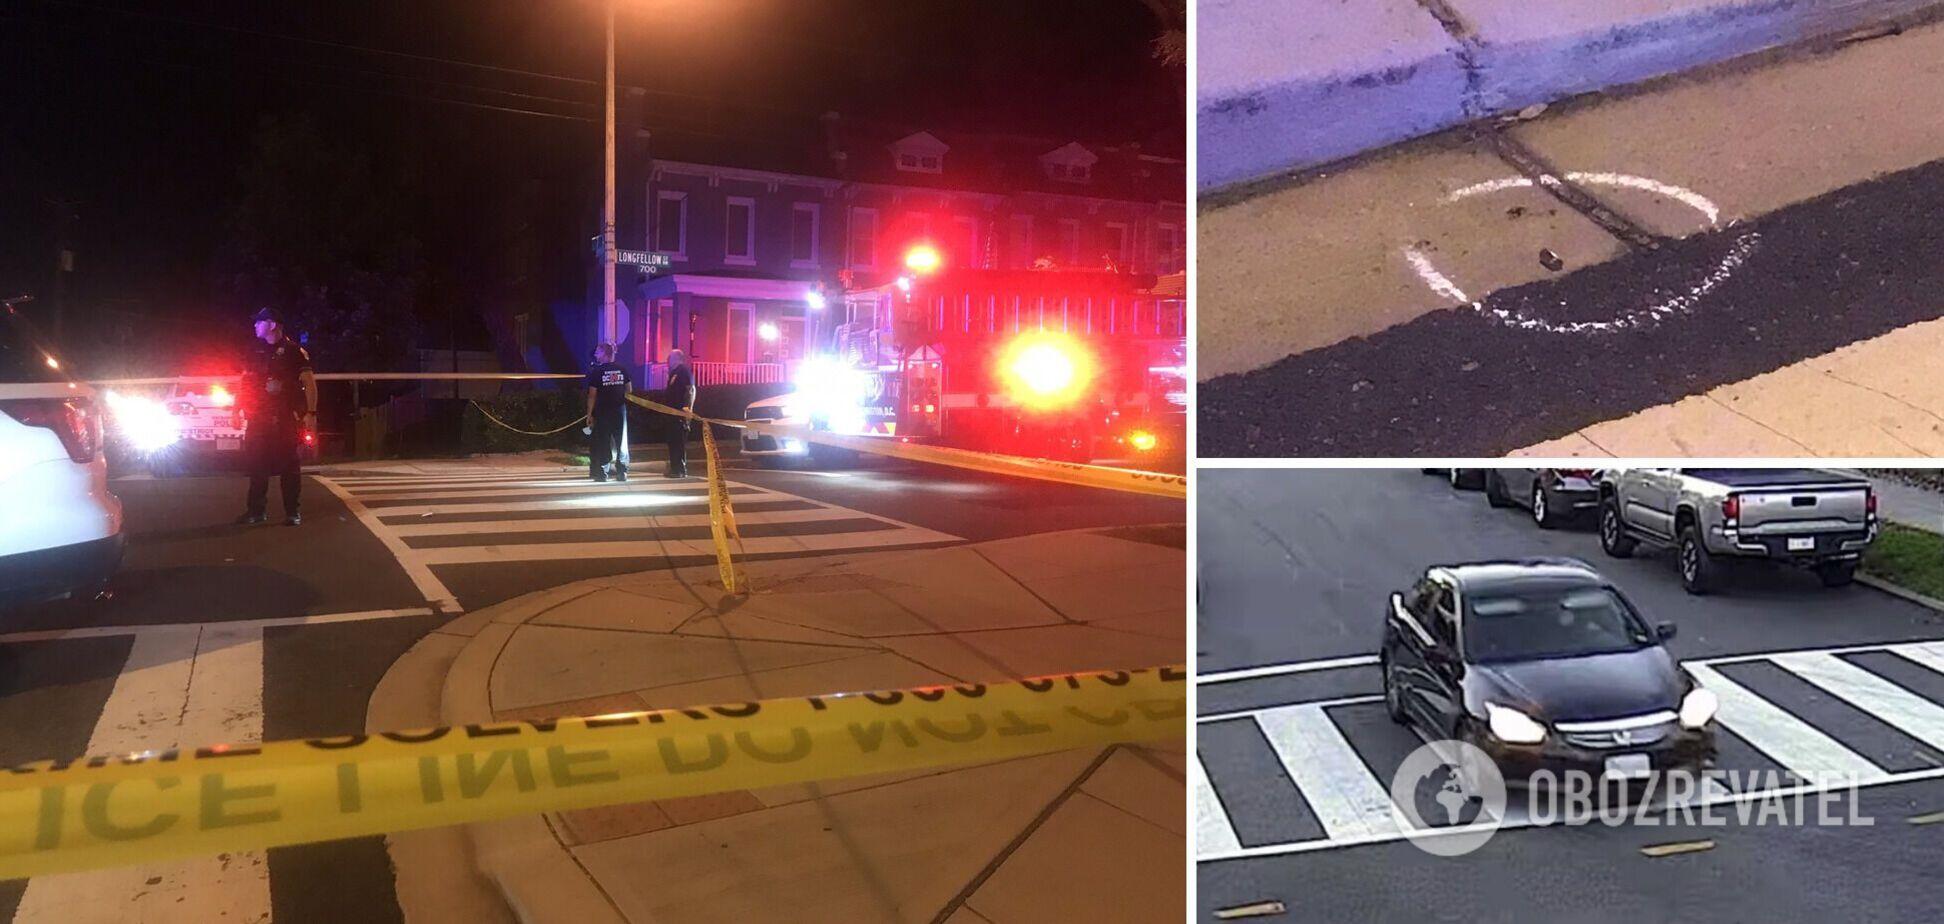 В Вашингтоне произошла стрельба: погибли три человека, еще трое ранены. Фото и все подробности